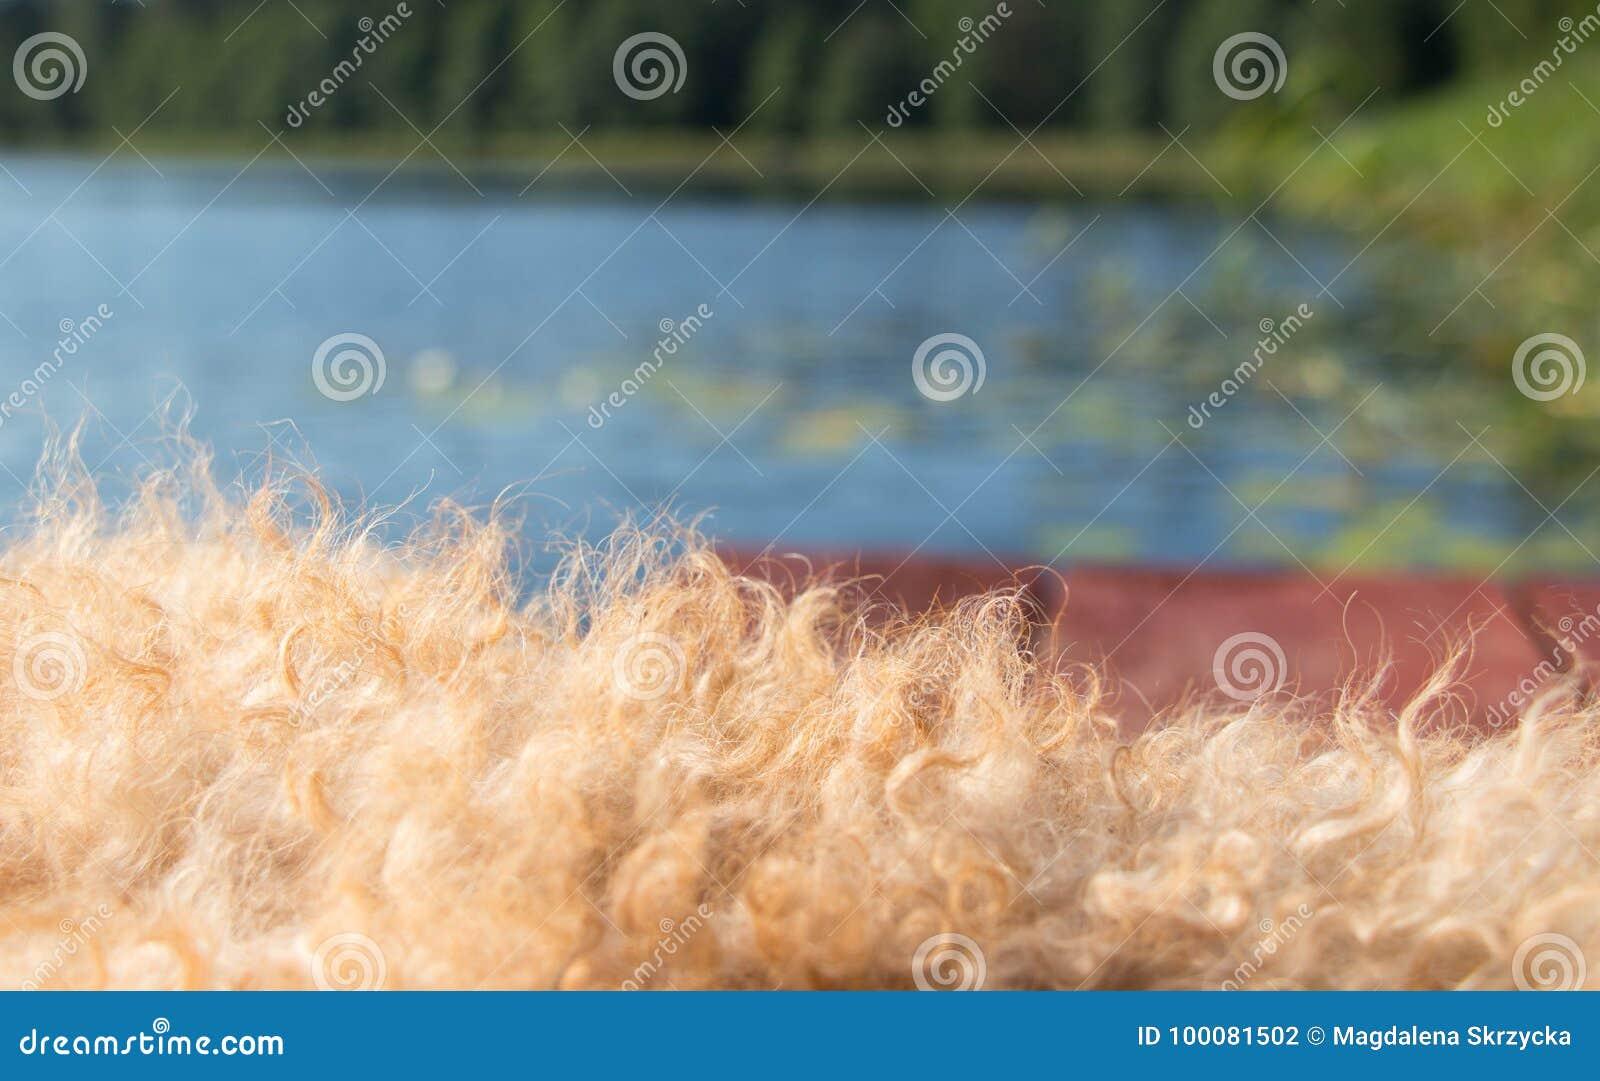 Brown drewniane deski z begie psem owłosionym przeciw niebieskiemu niebu, woda, zieleni płochy i las i